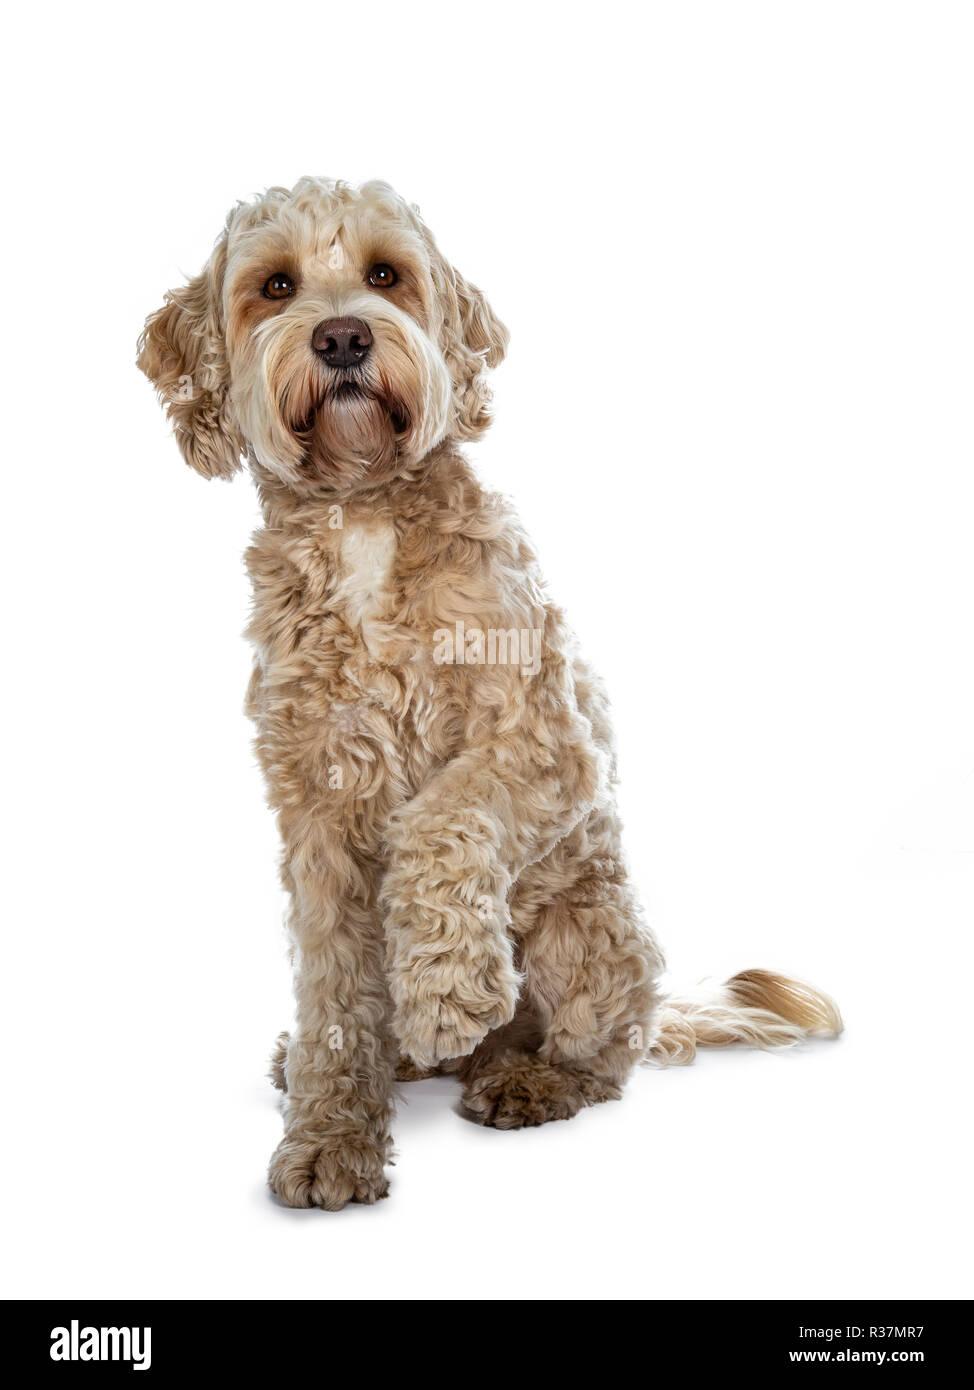 Titel: Dolce donna adulto golden Labradoodle dog sitter fino a bocca chiusa e una zampa sollevata, guardando con occhi marroni. Isolato su un retro bianco Immagini Stock